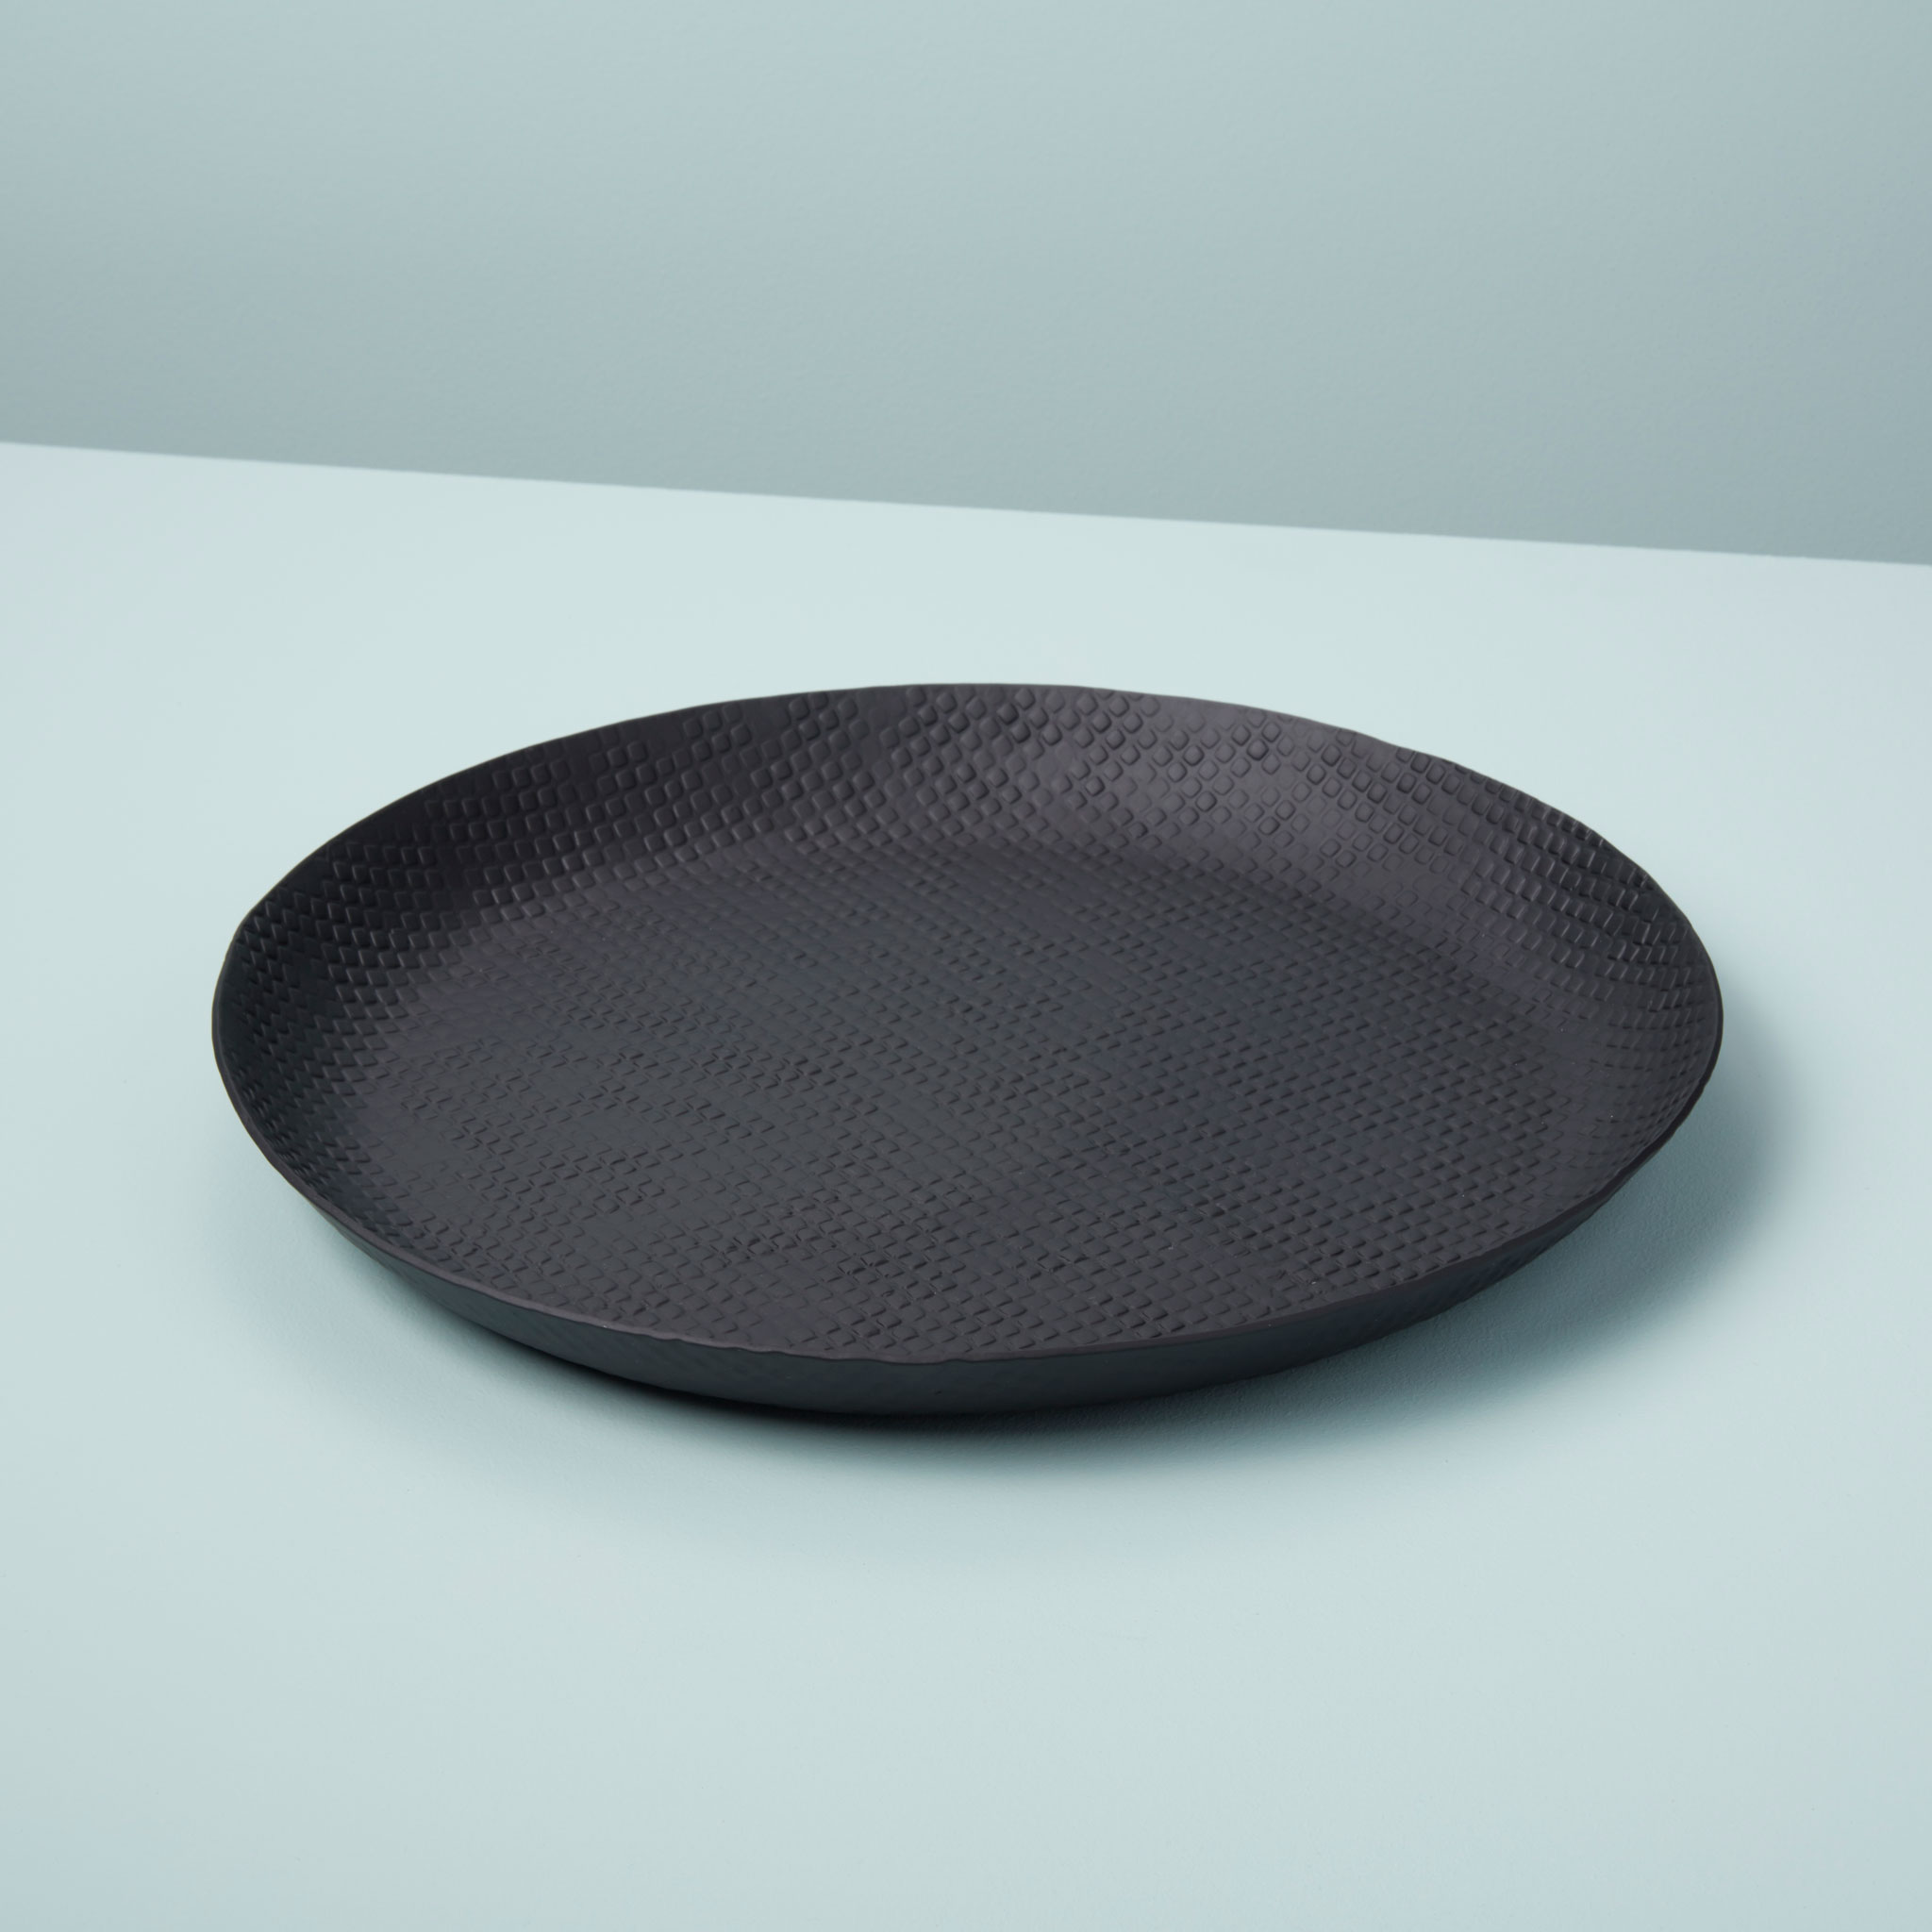 Black Crosshatch Aluminum Curved Edge Tray, Large